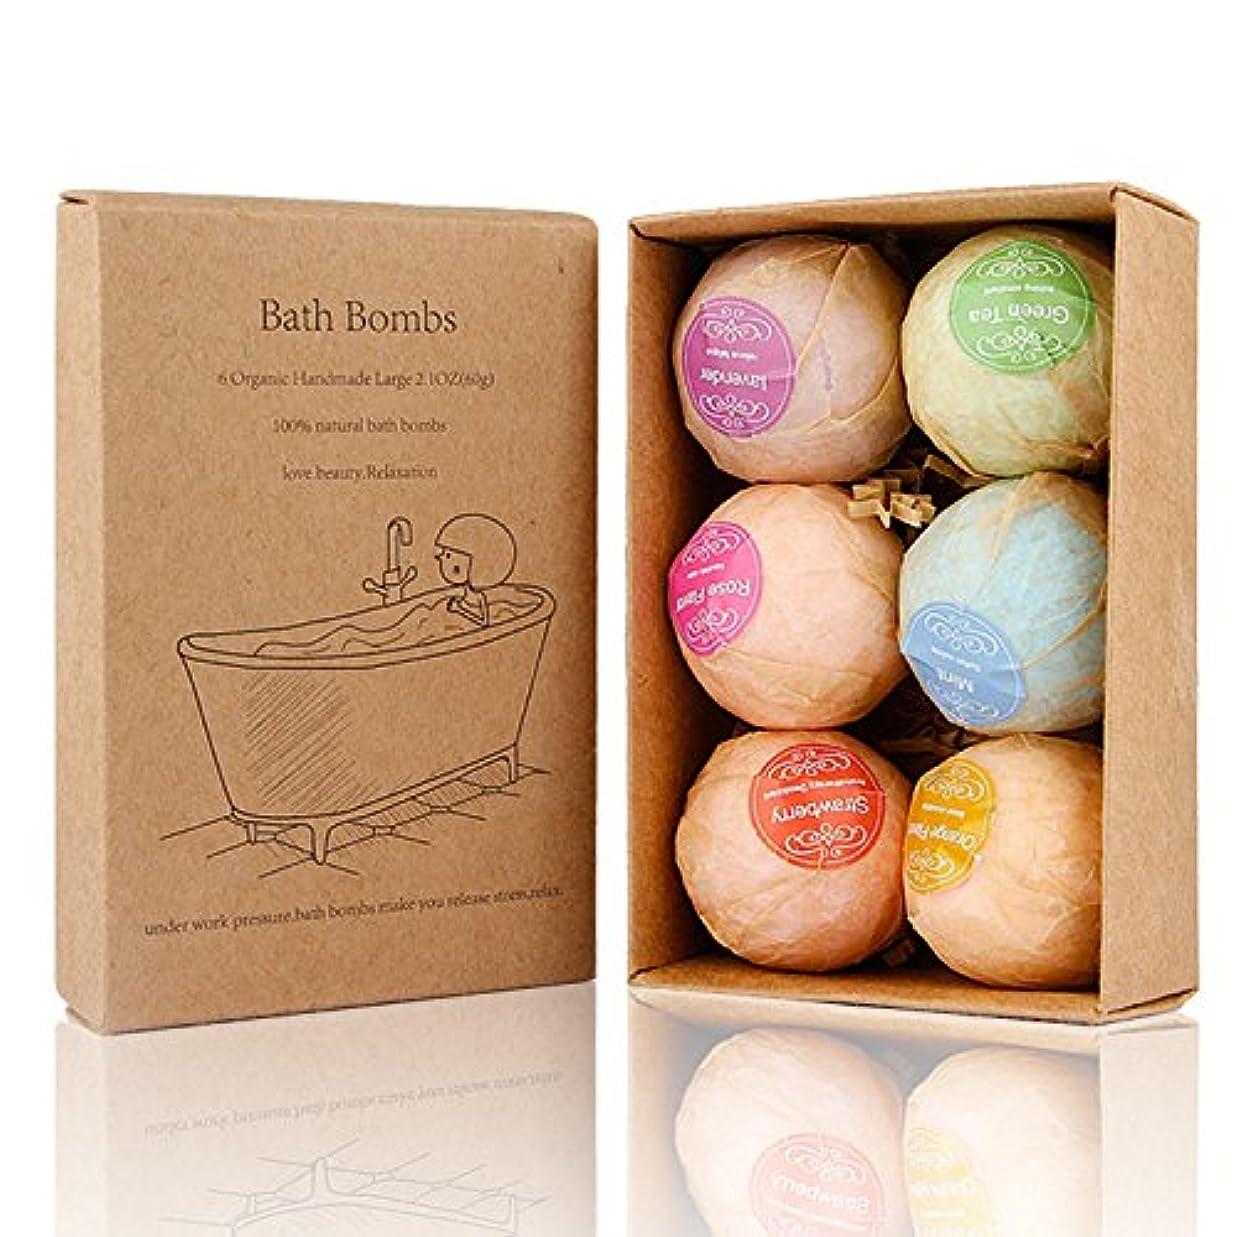 溶けた鋸歯状害Bath Bomb, 温泡 入浴剤 ギフトセット6個入り, Perfect for Bubble & Spa Bath Ultra Lush Bath Fizzies